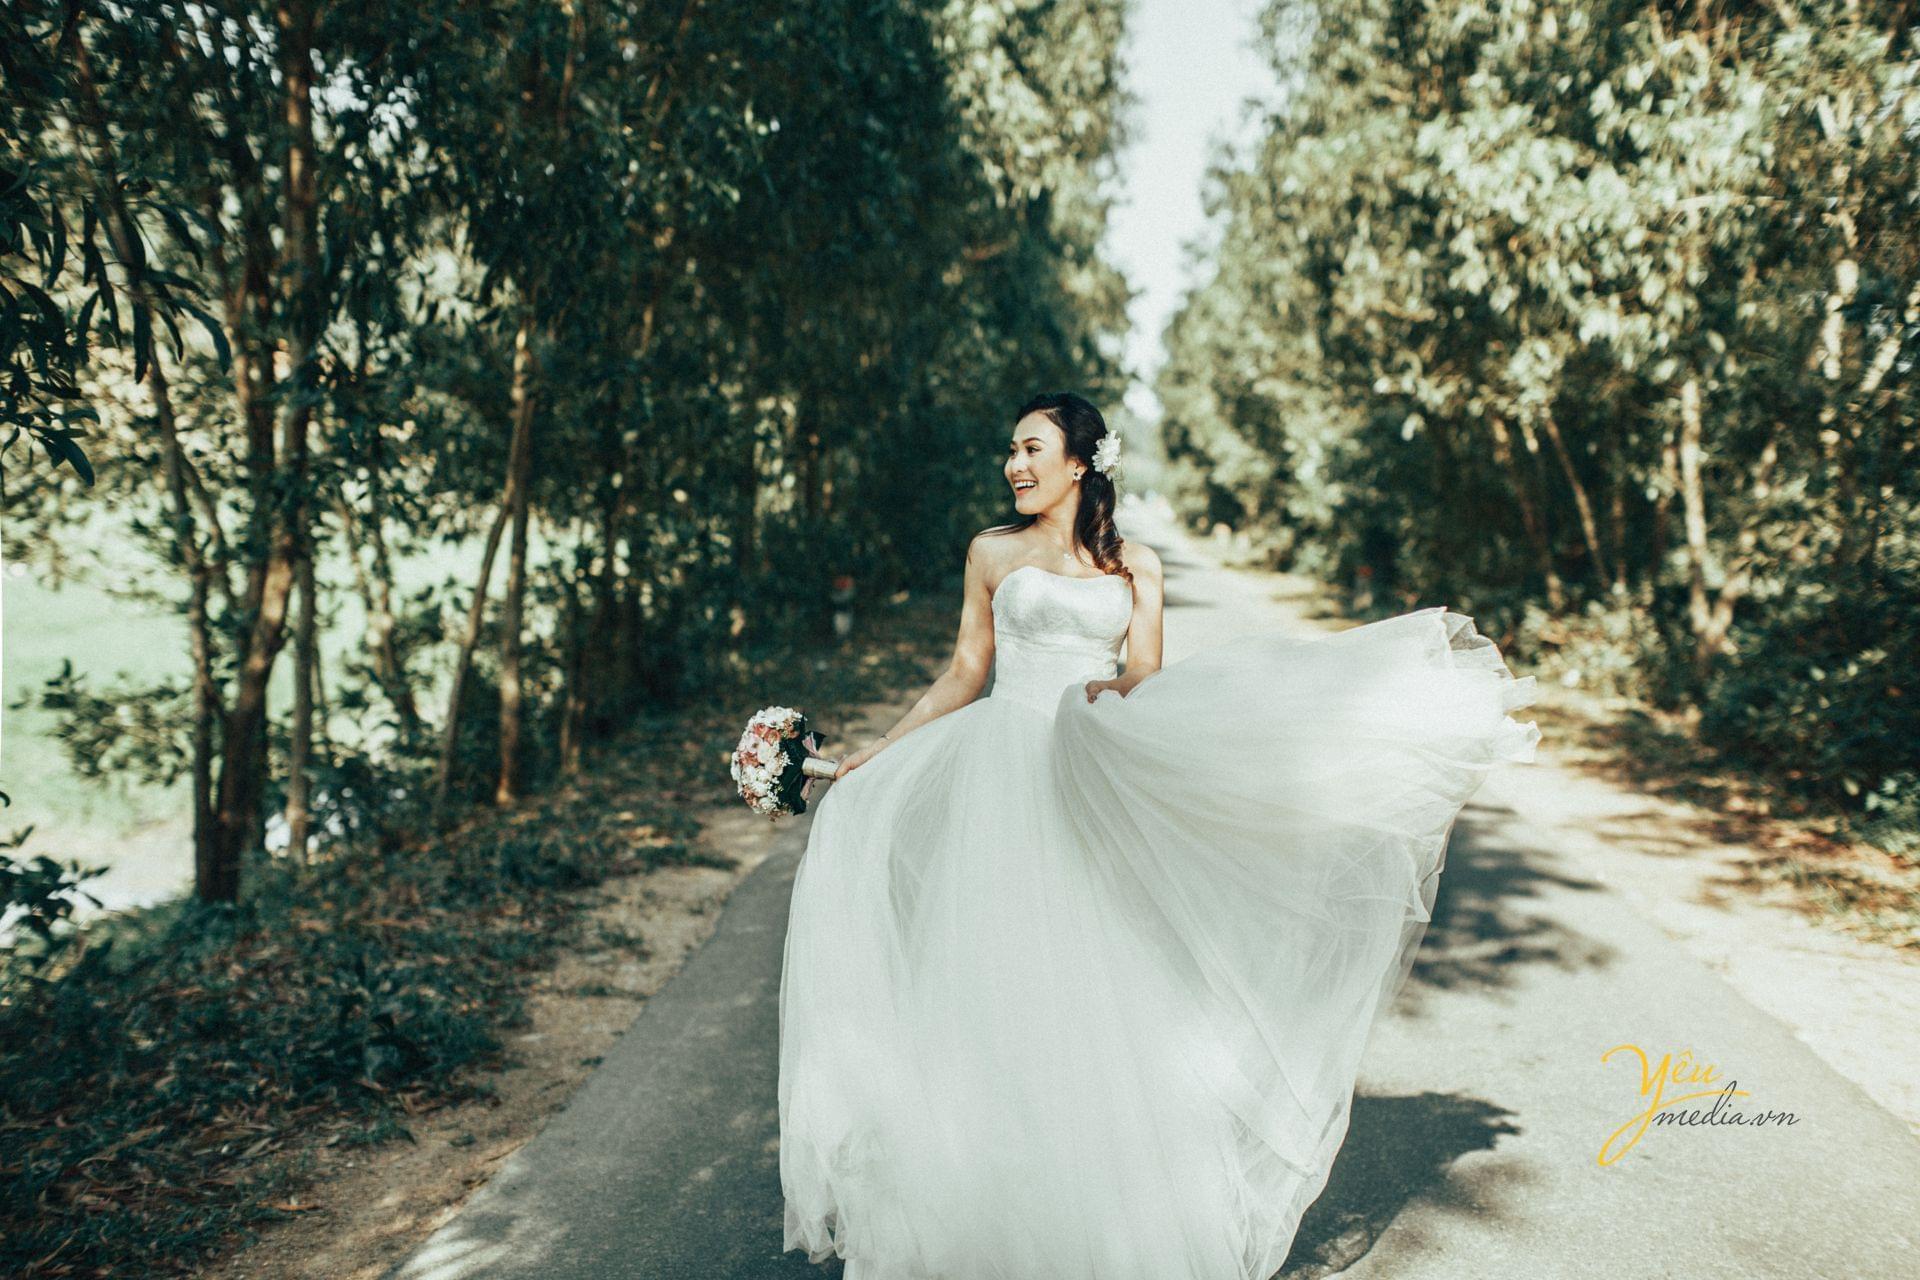 cô dâu tung tăng trong bộ váy cưới cười tươi trong nắng